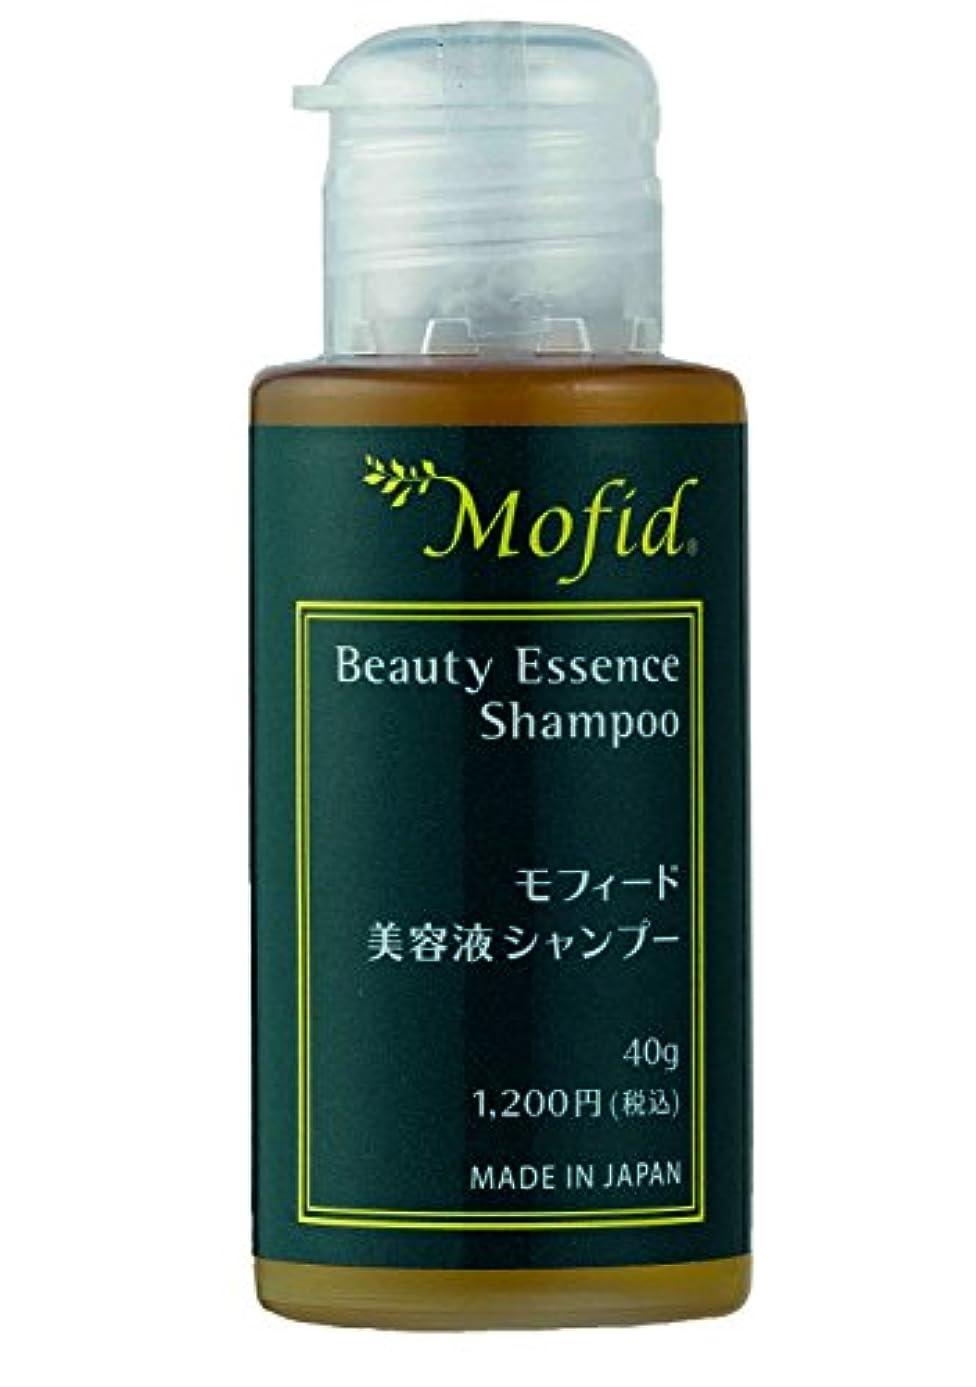 切手書店船乗り日本製 モフィード 美容液 シャンプー 40g 【ハラル Halal 認証 シャンプー】 Mofid Beauty Serum Shampoo